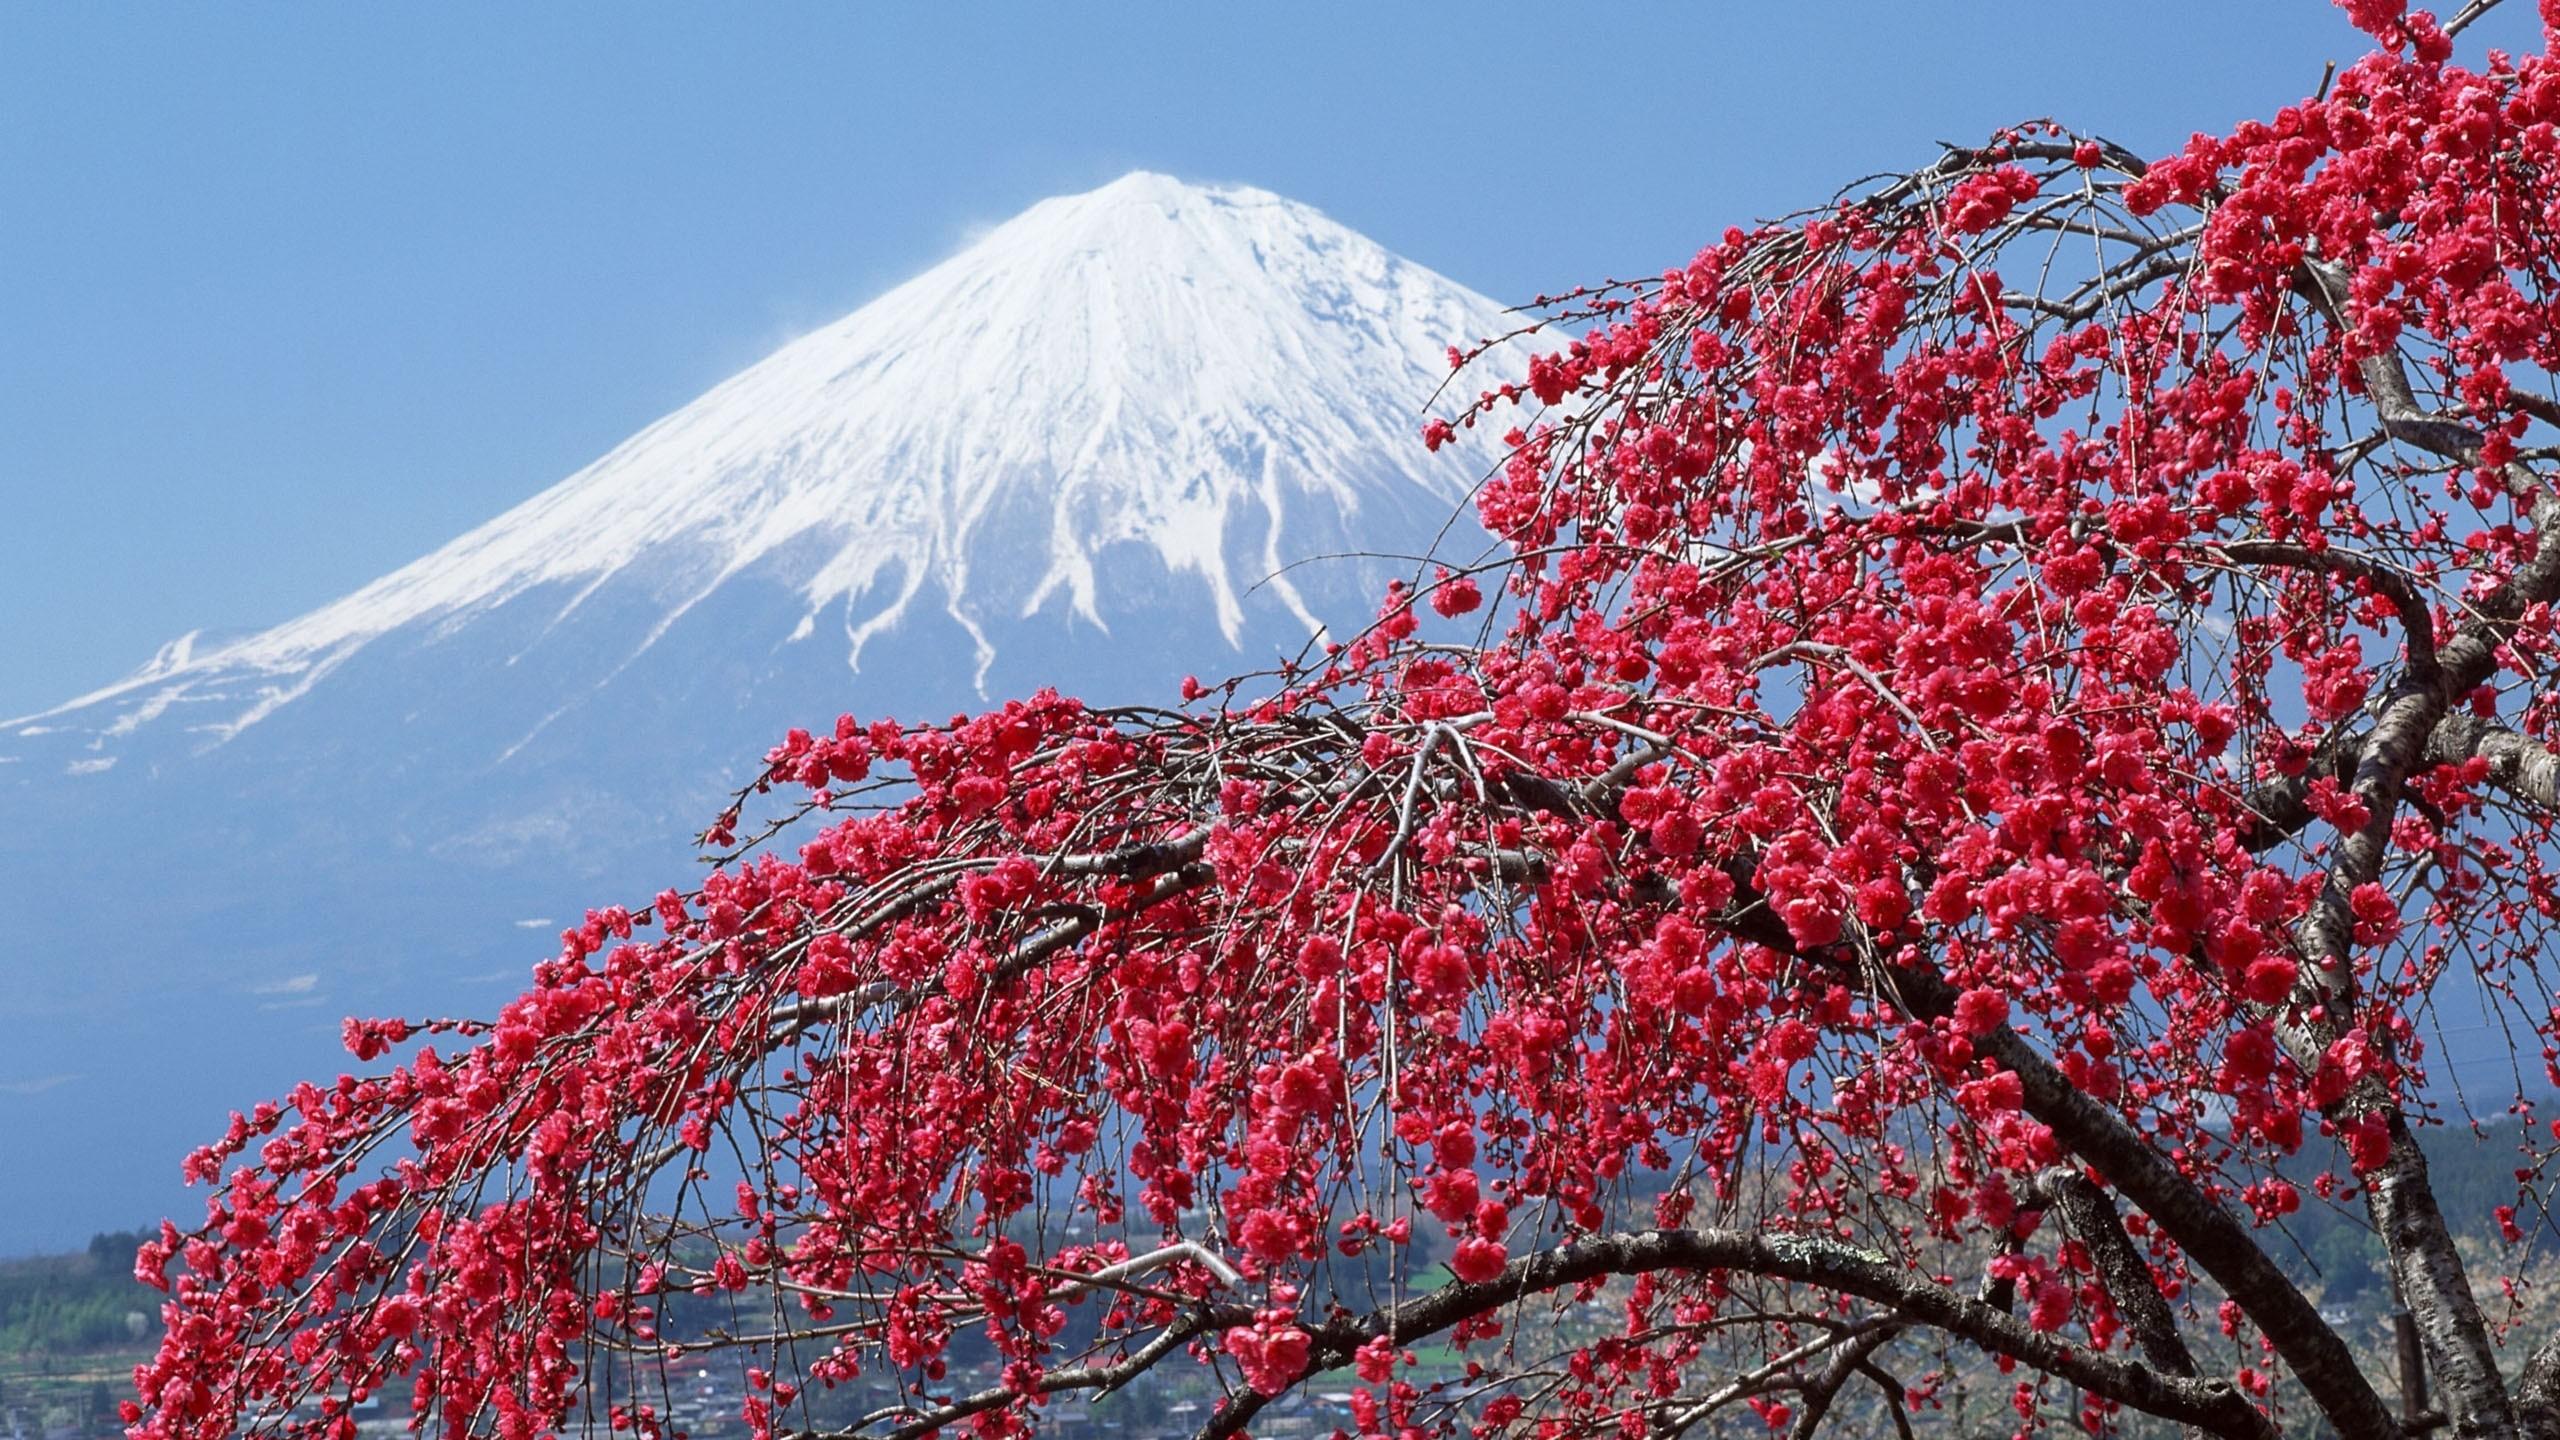 Jorden/Natur – Mount Fuji Vulkan Japan Blossom Bakgrund